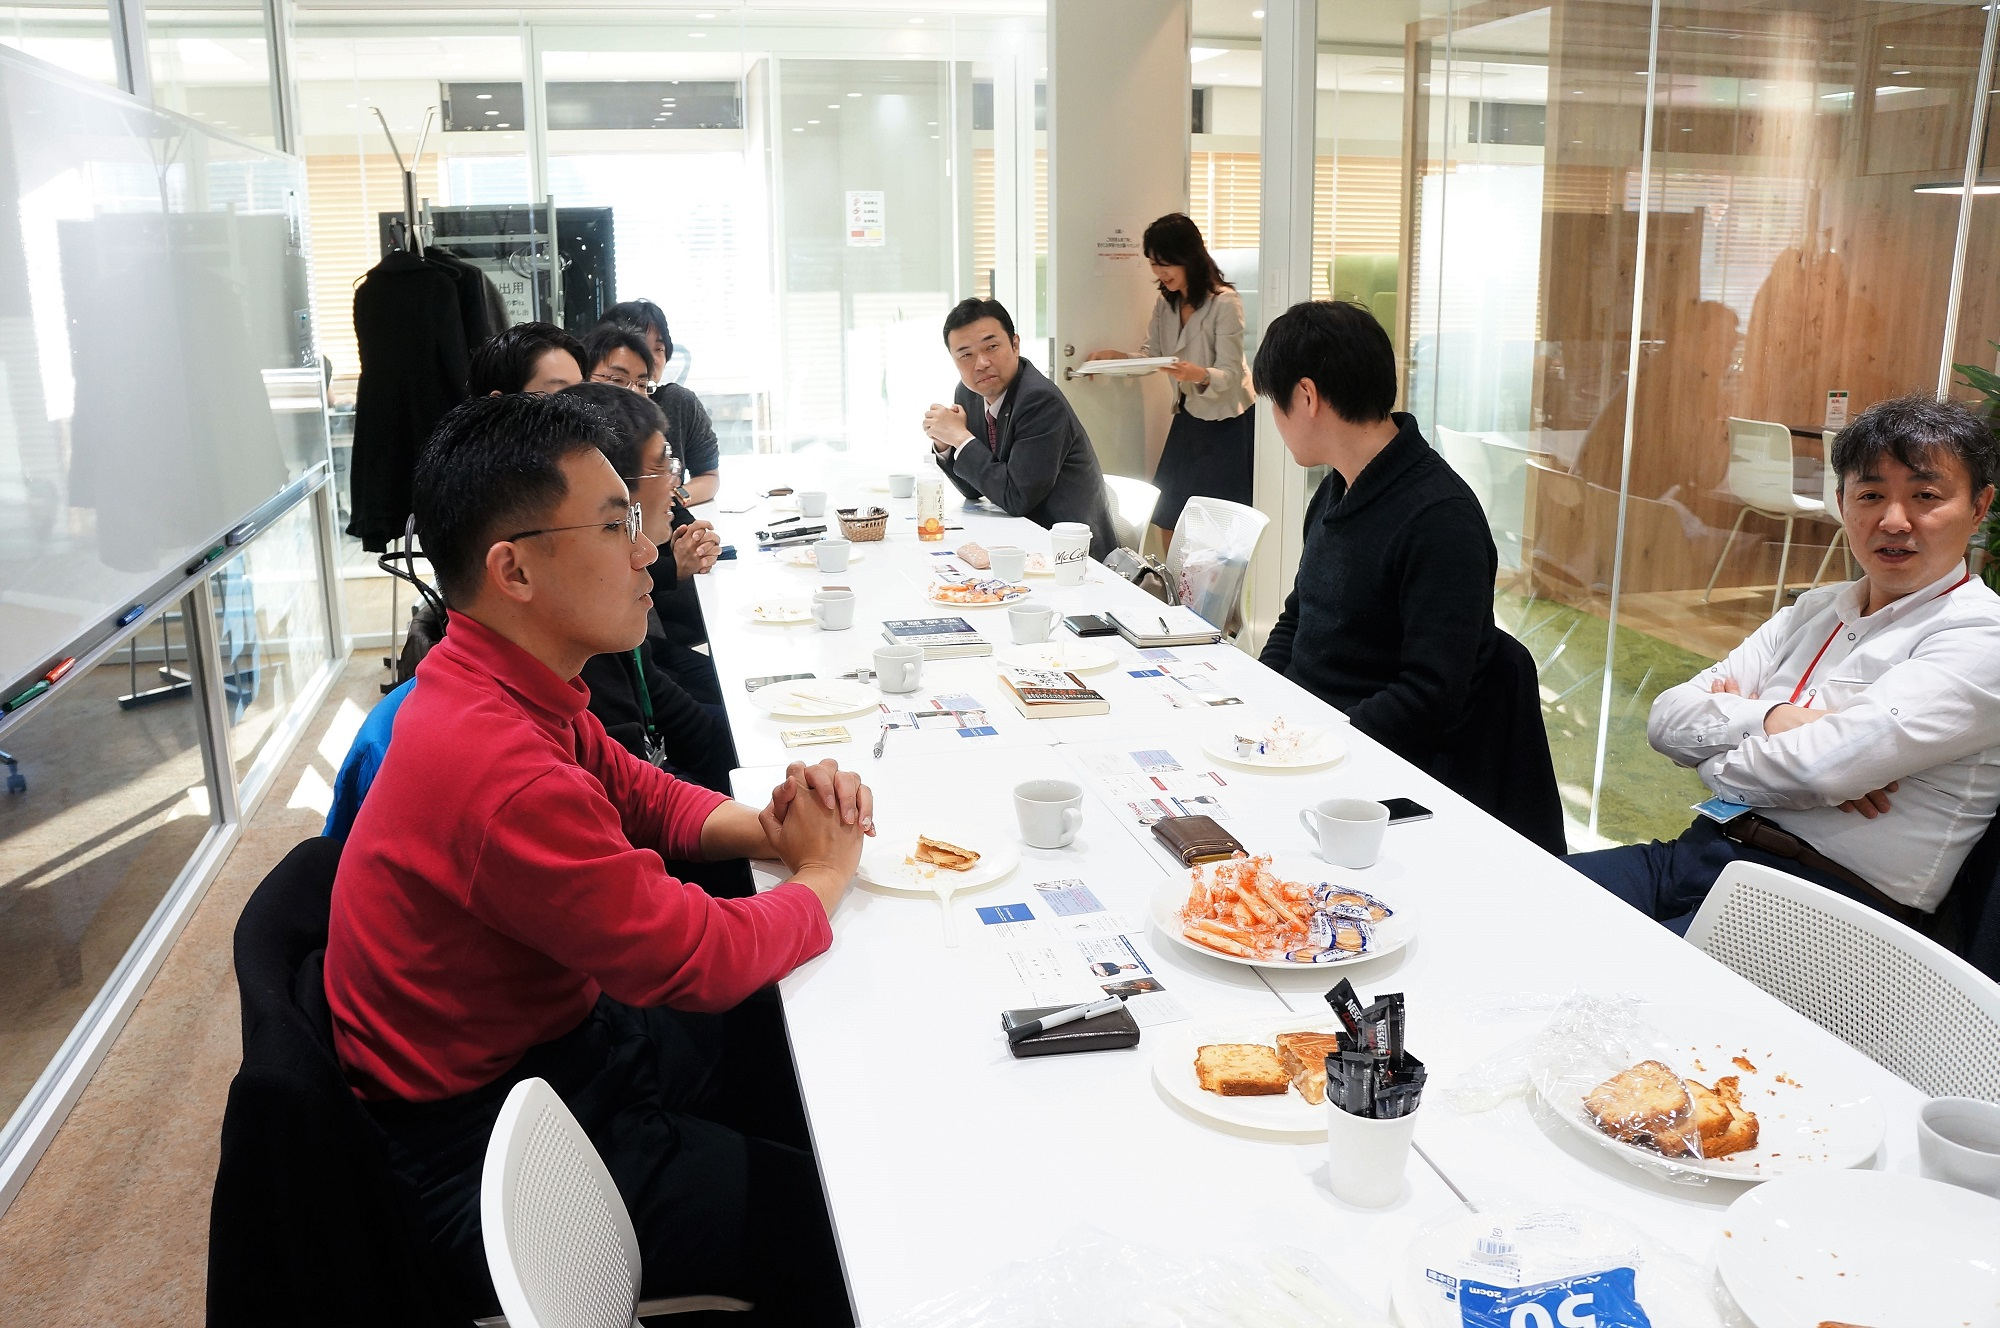 お茶会 東京交流会 異業種交流会 バーチャルオフィス シェアオフィス レンタルオフィス